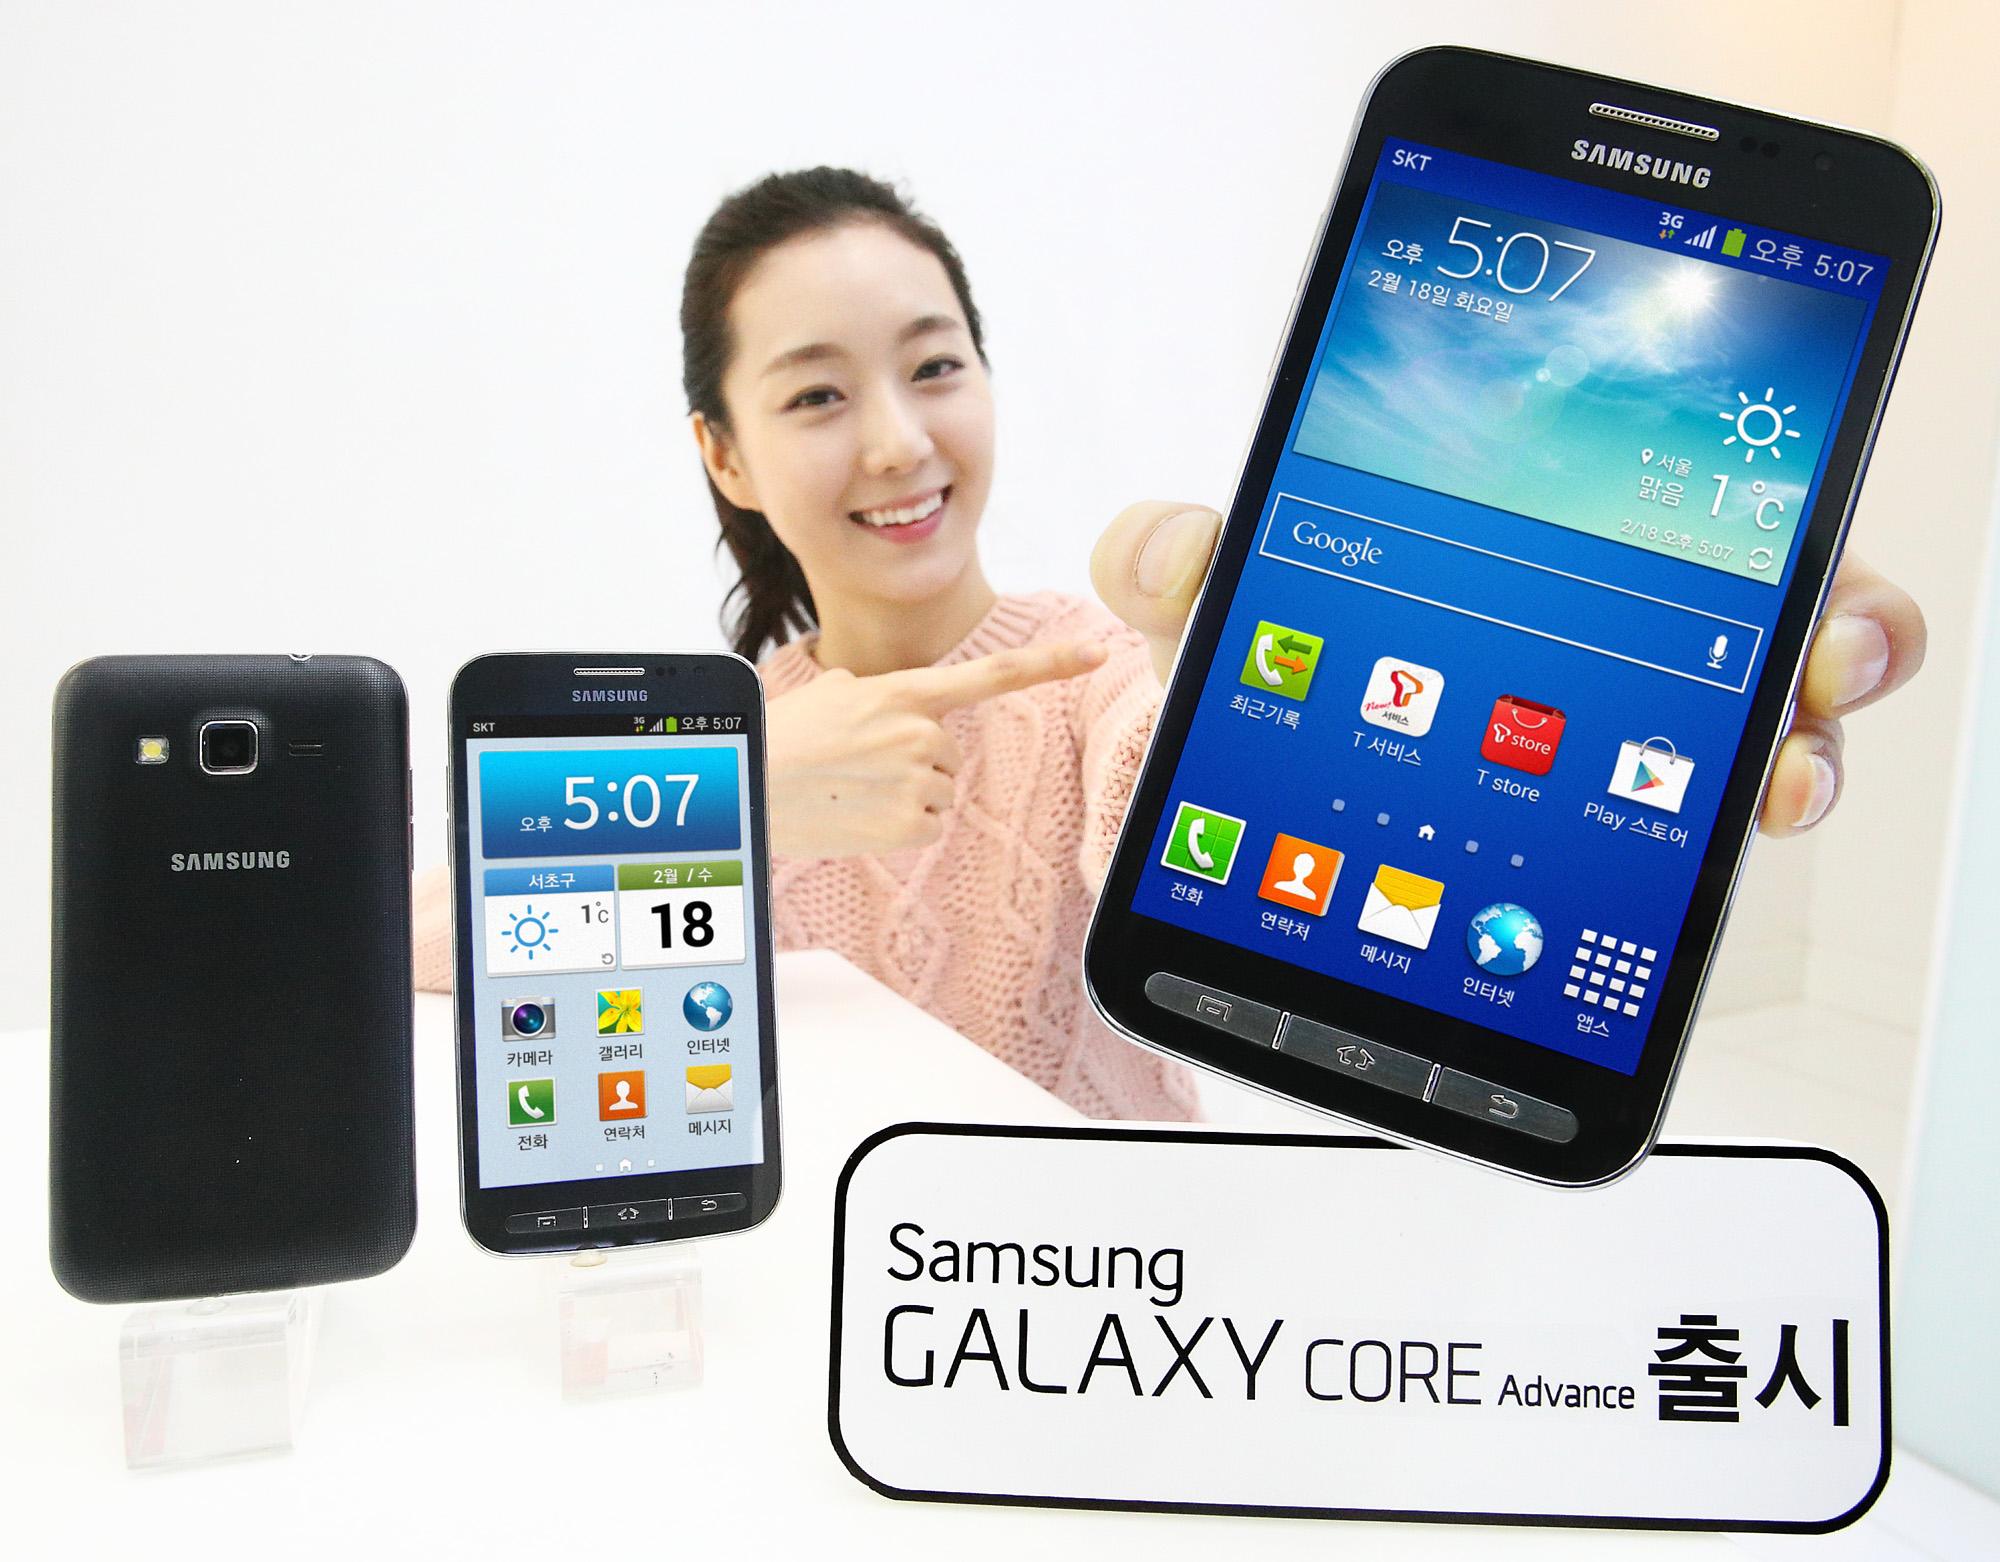 쉬운 사용성 갖춘 3G 스마트폰 '갤럭시 코어 어드밴스(Galaxy Core Advance)' 출시